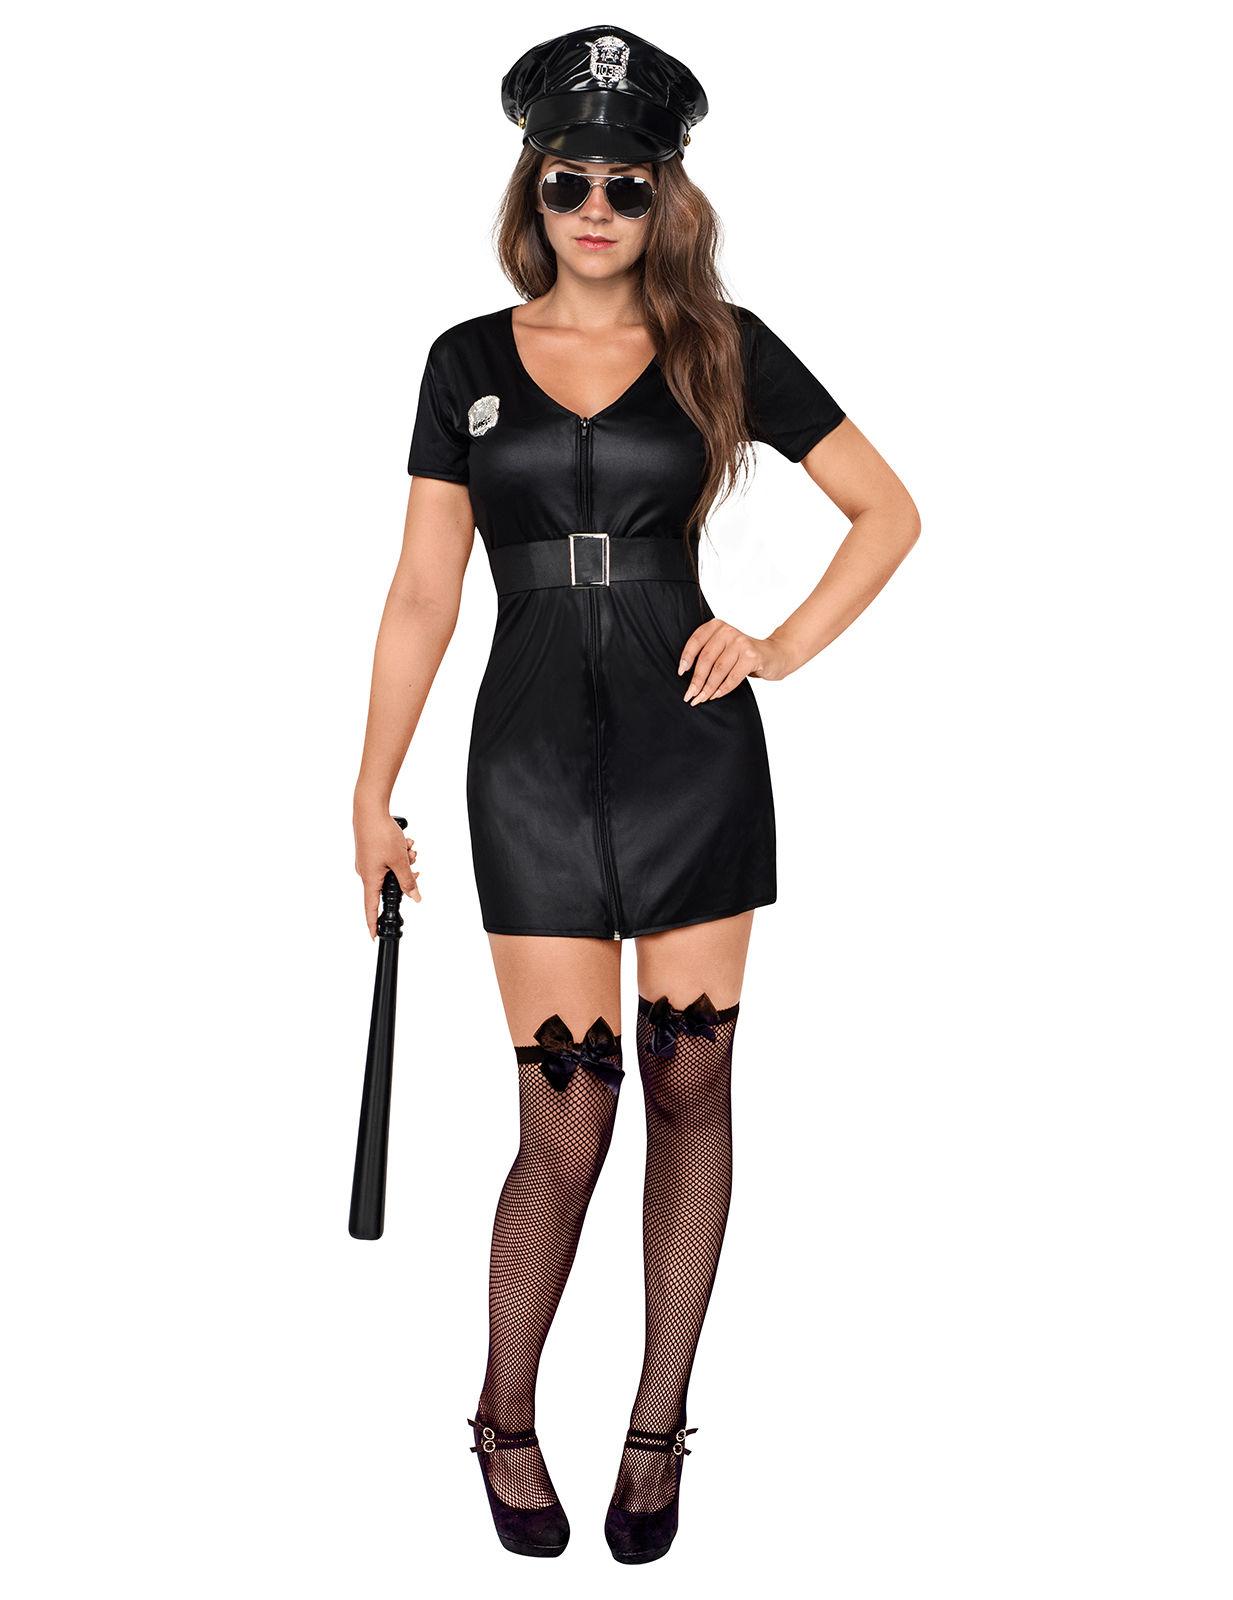 Sexy Polizistin Damenkostum Cop Schwarz Gunstige Faschings Kostume